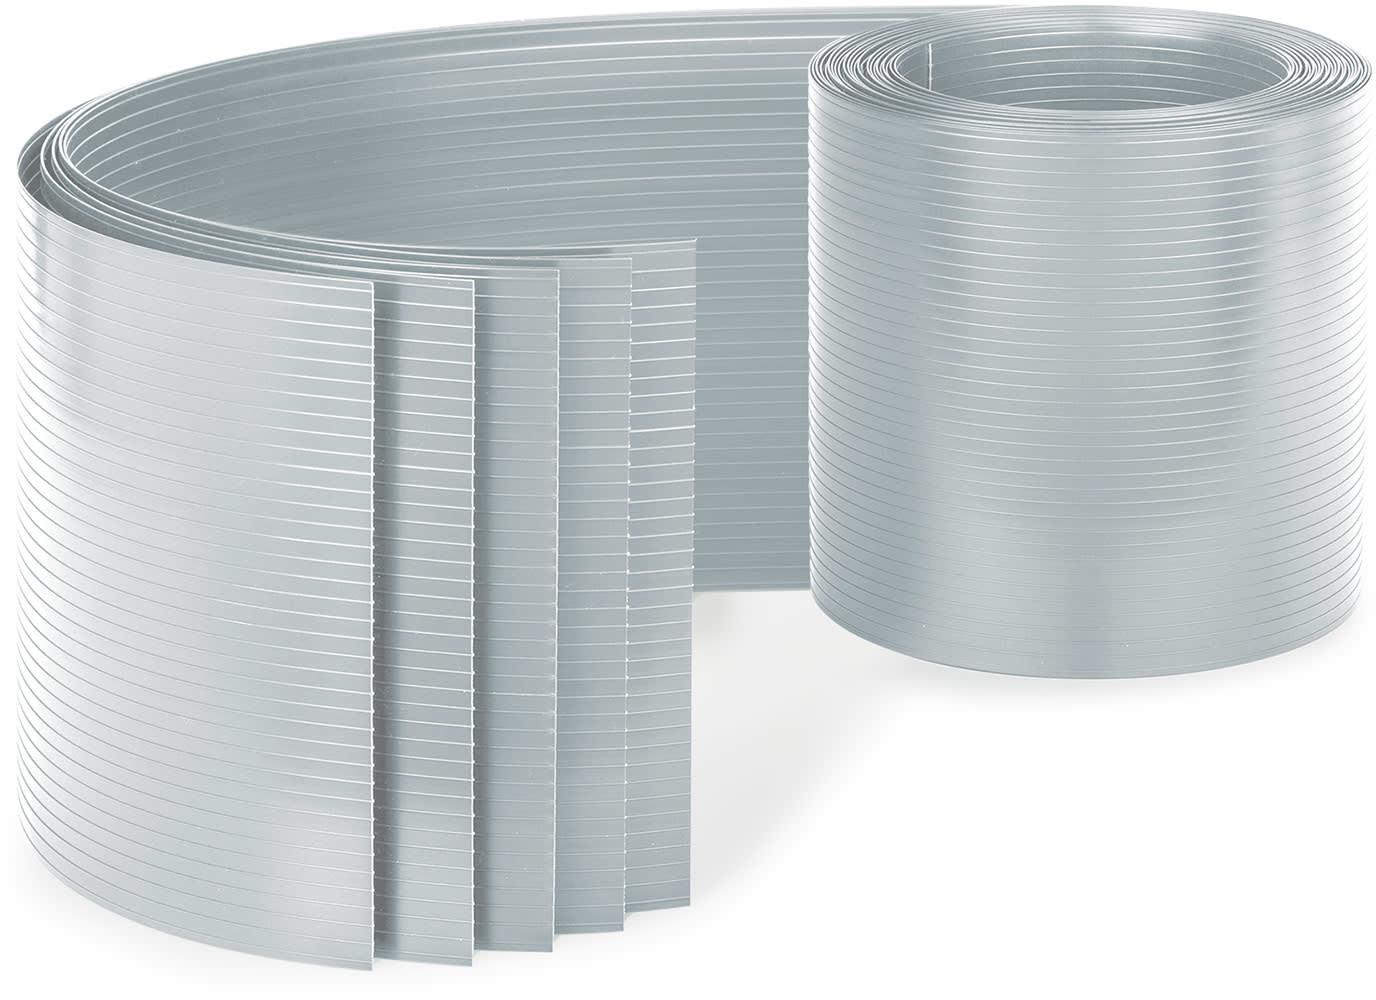 Blumfeldt Blumfeldt Ogrodzeniowa osłona maskująca, PCW  twardy plastik, 2,53 x 0,19 m PVC5 Grau